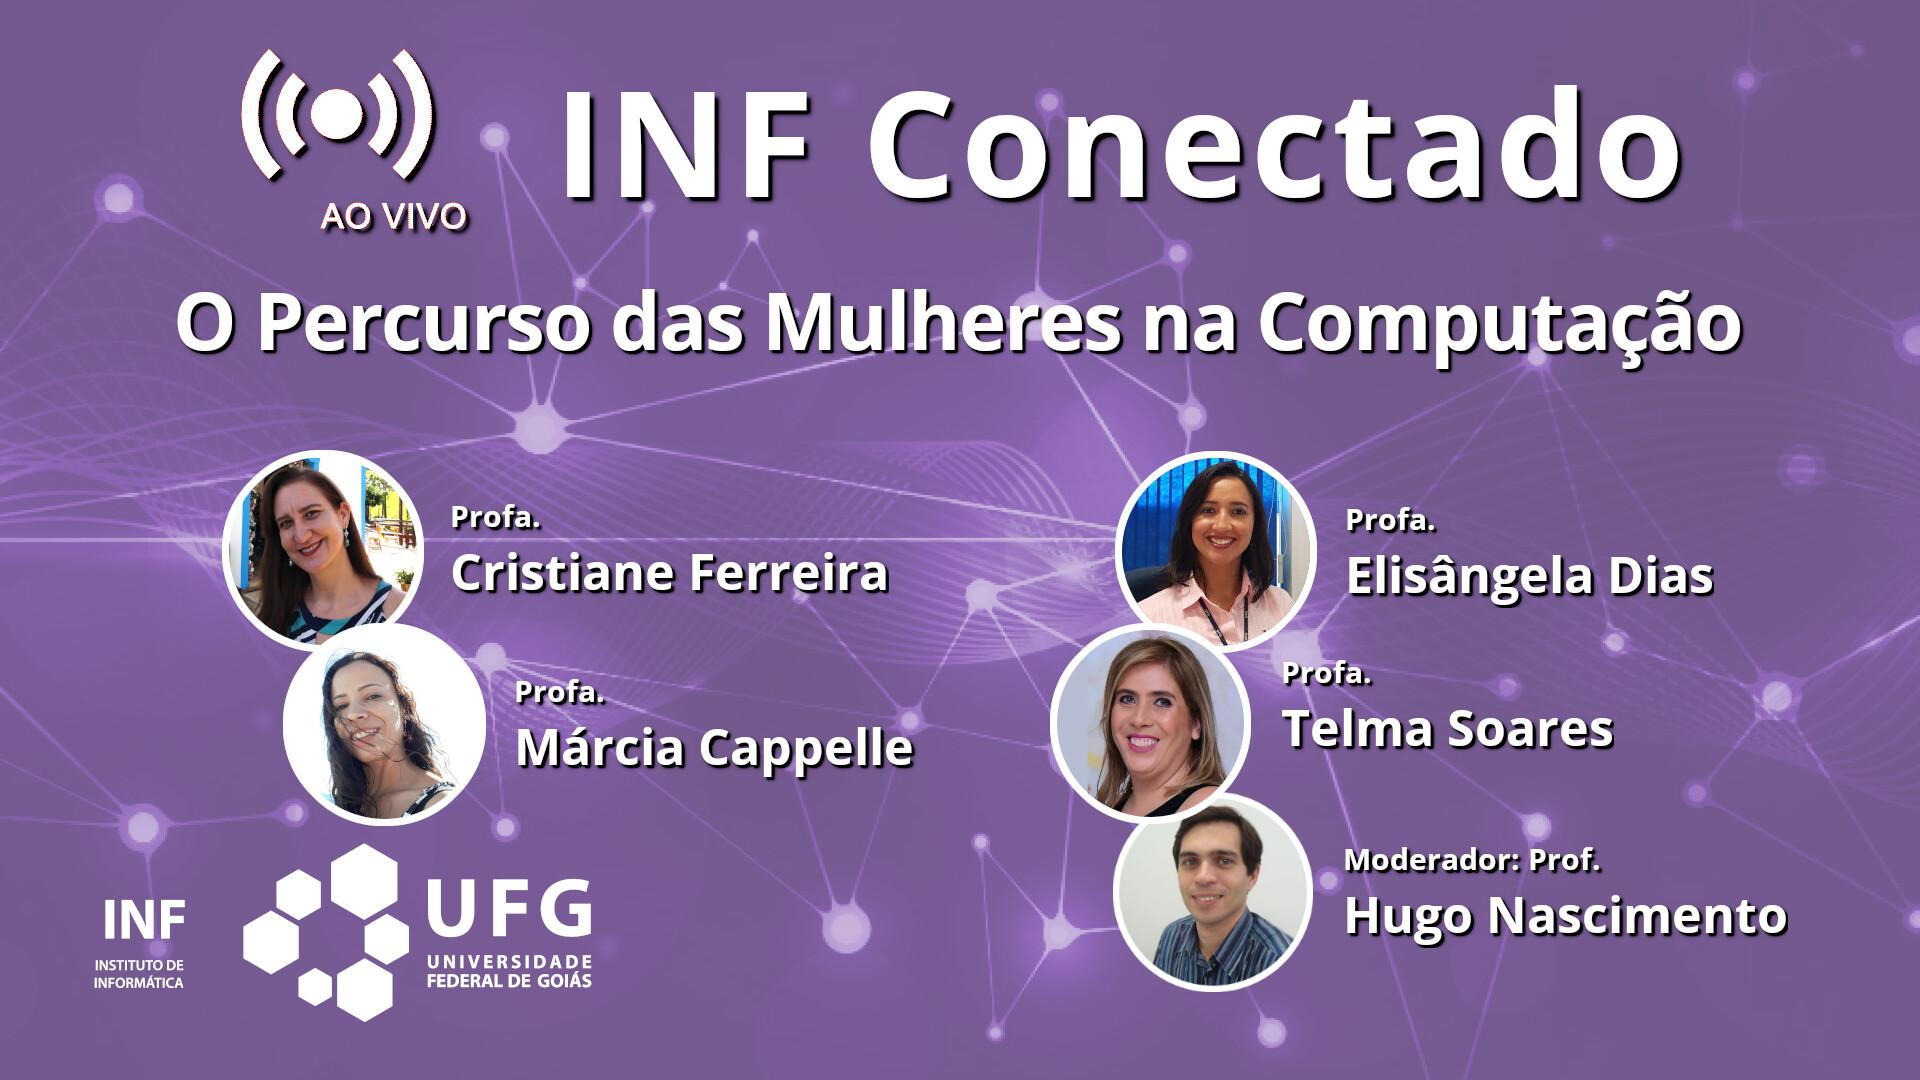 INF Conectado - YouTube - 04